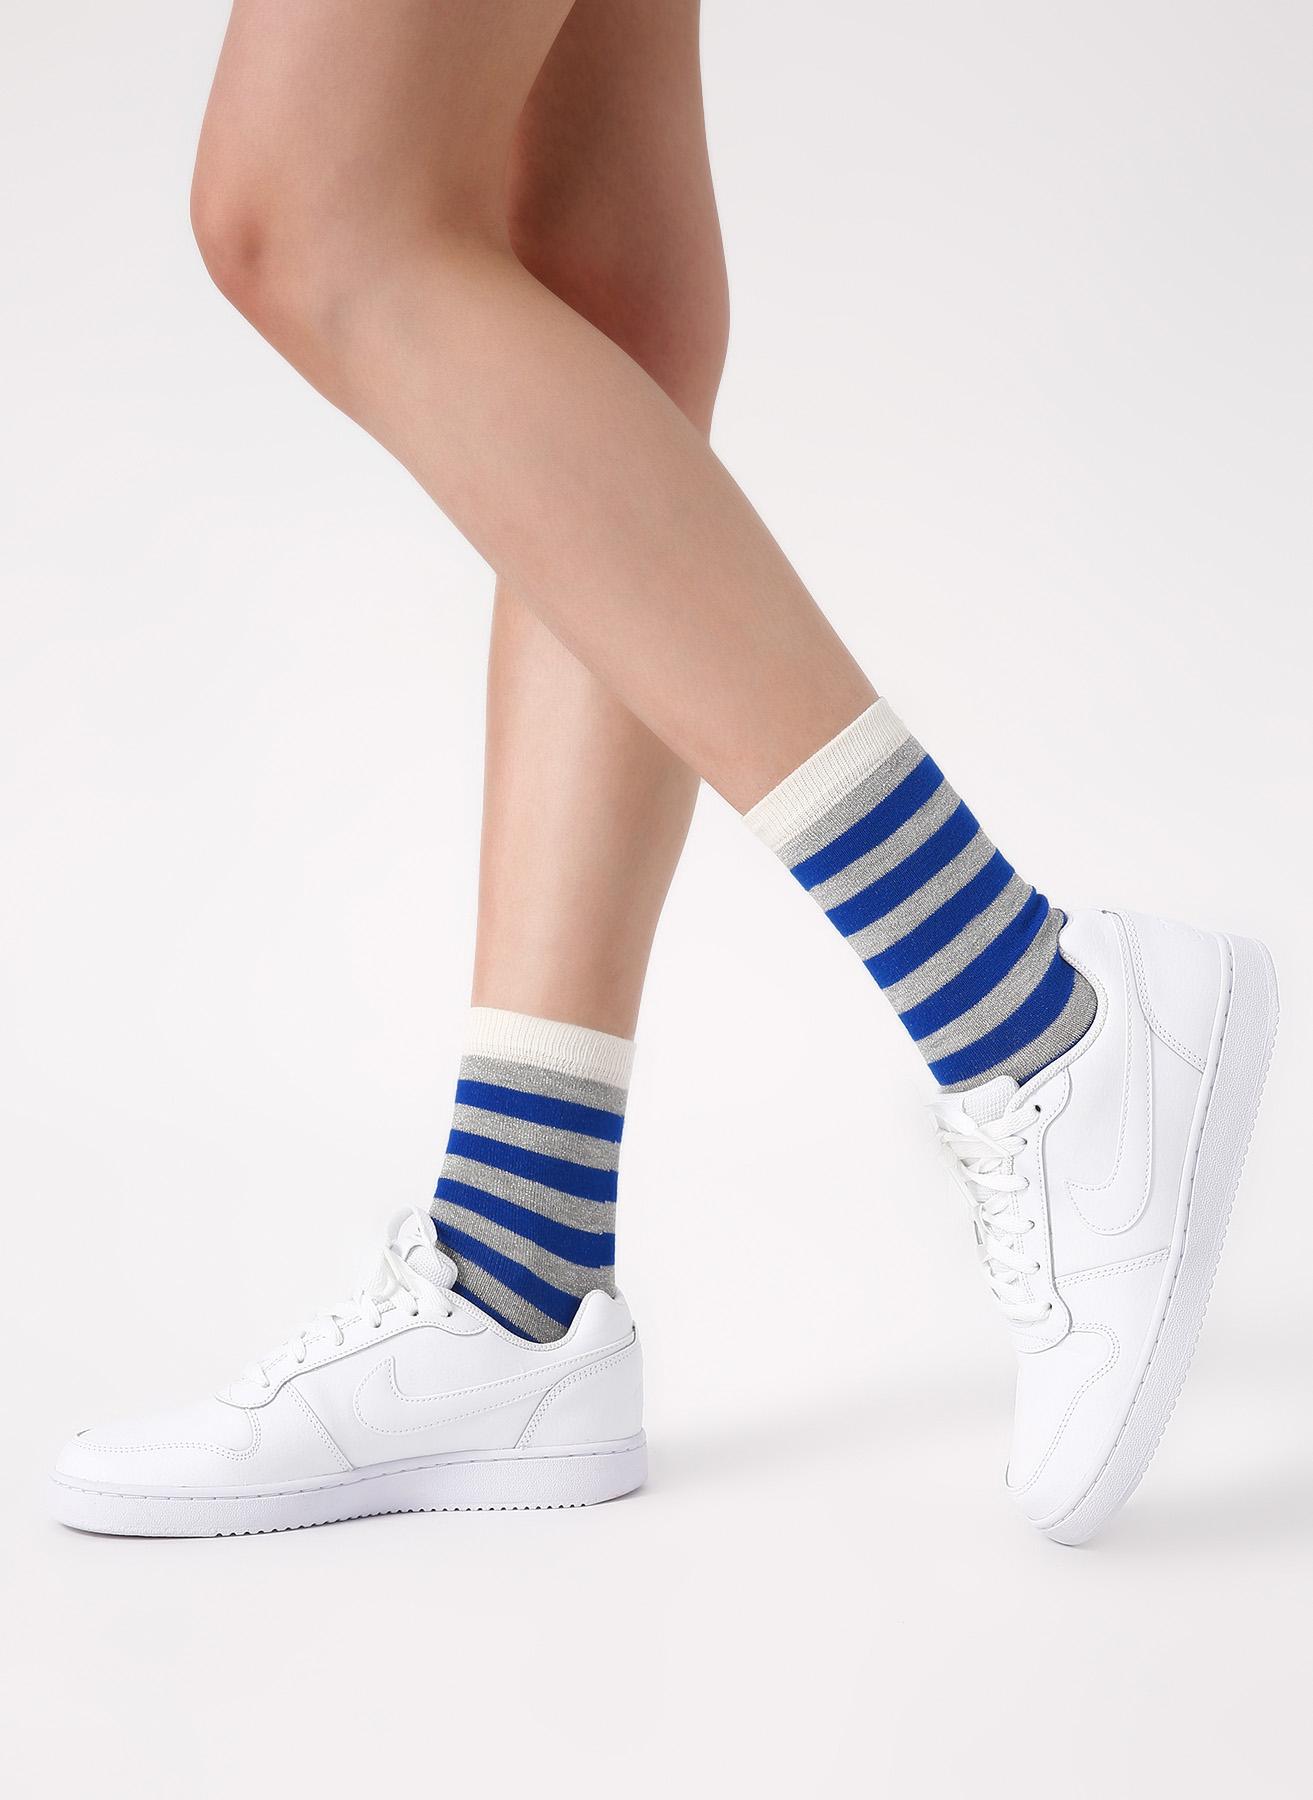 Nike Kadın Ebernon Low Lifestyle Ayakkabı 36.5 5001635118001 Ürün Resmi